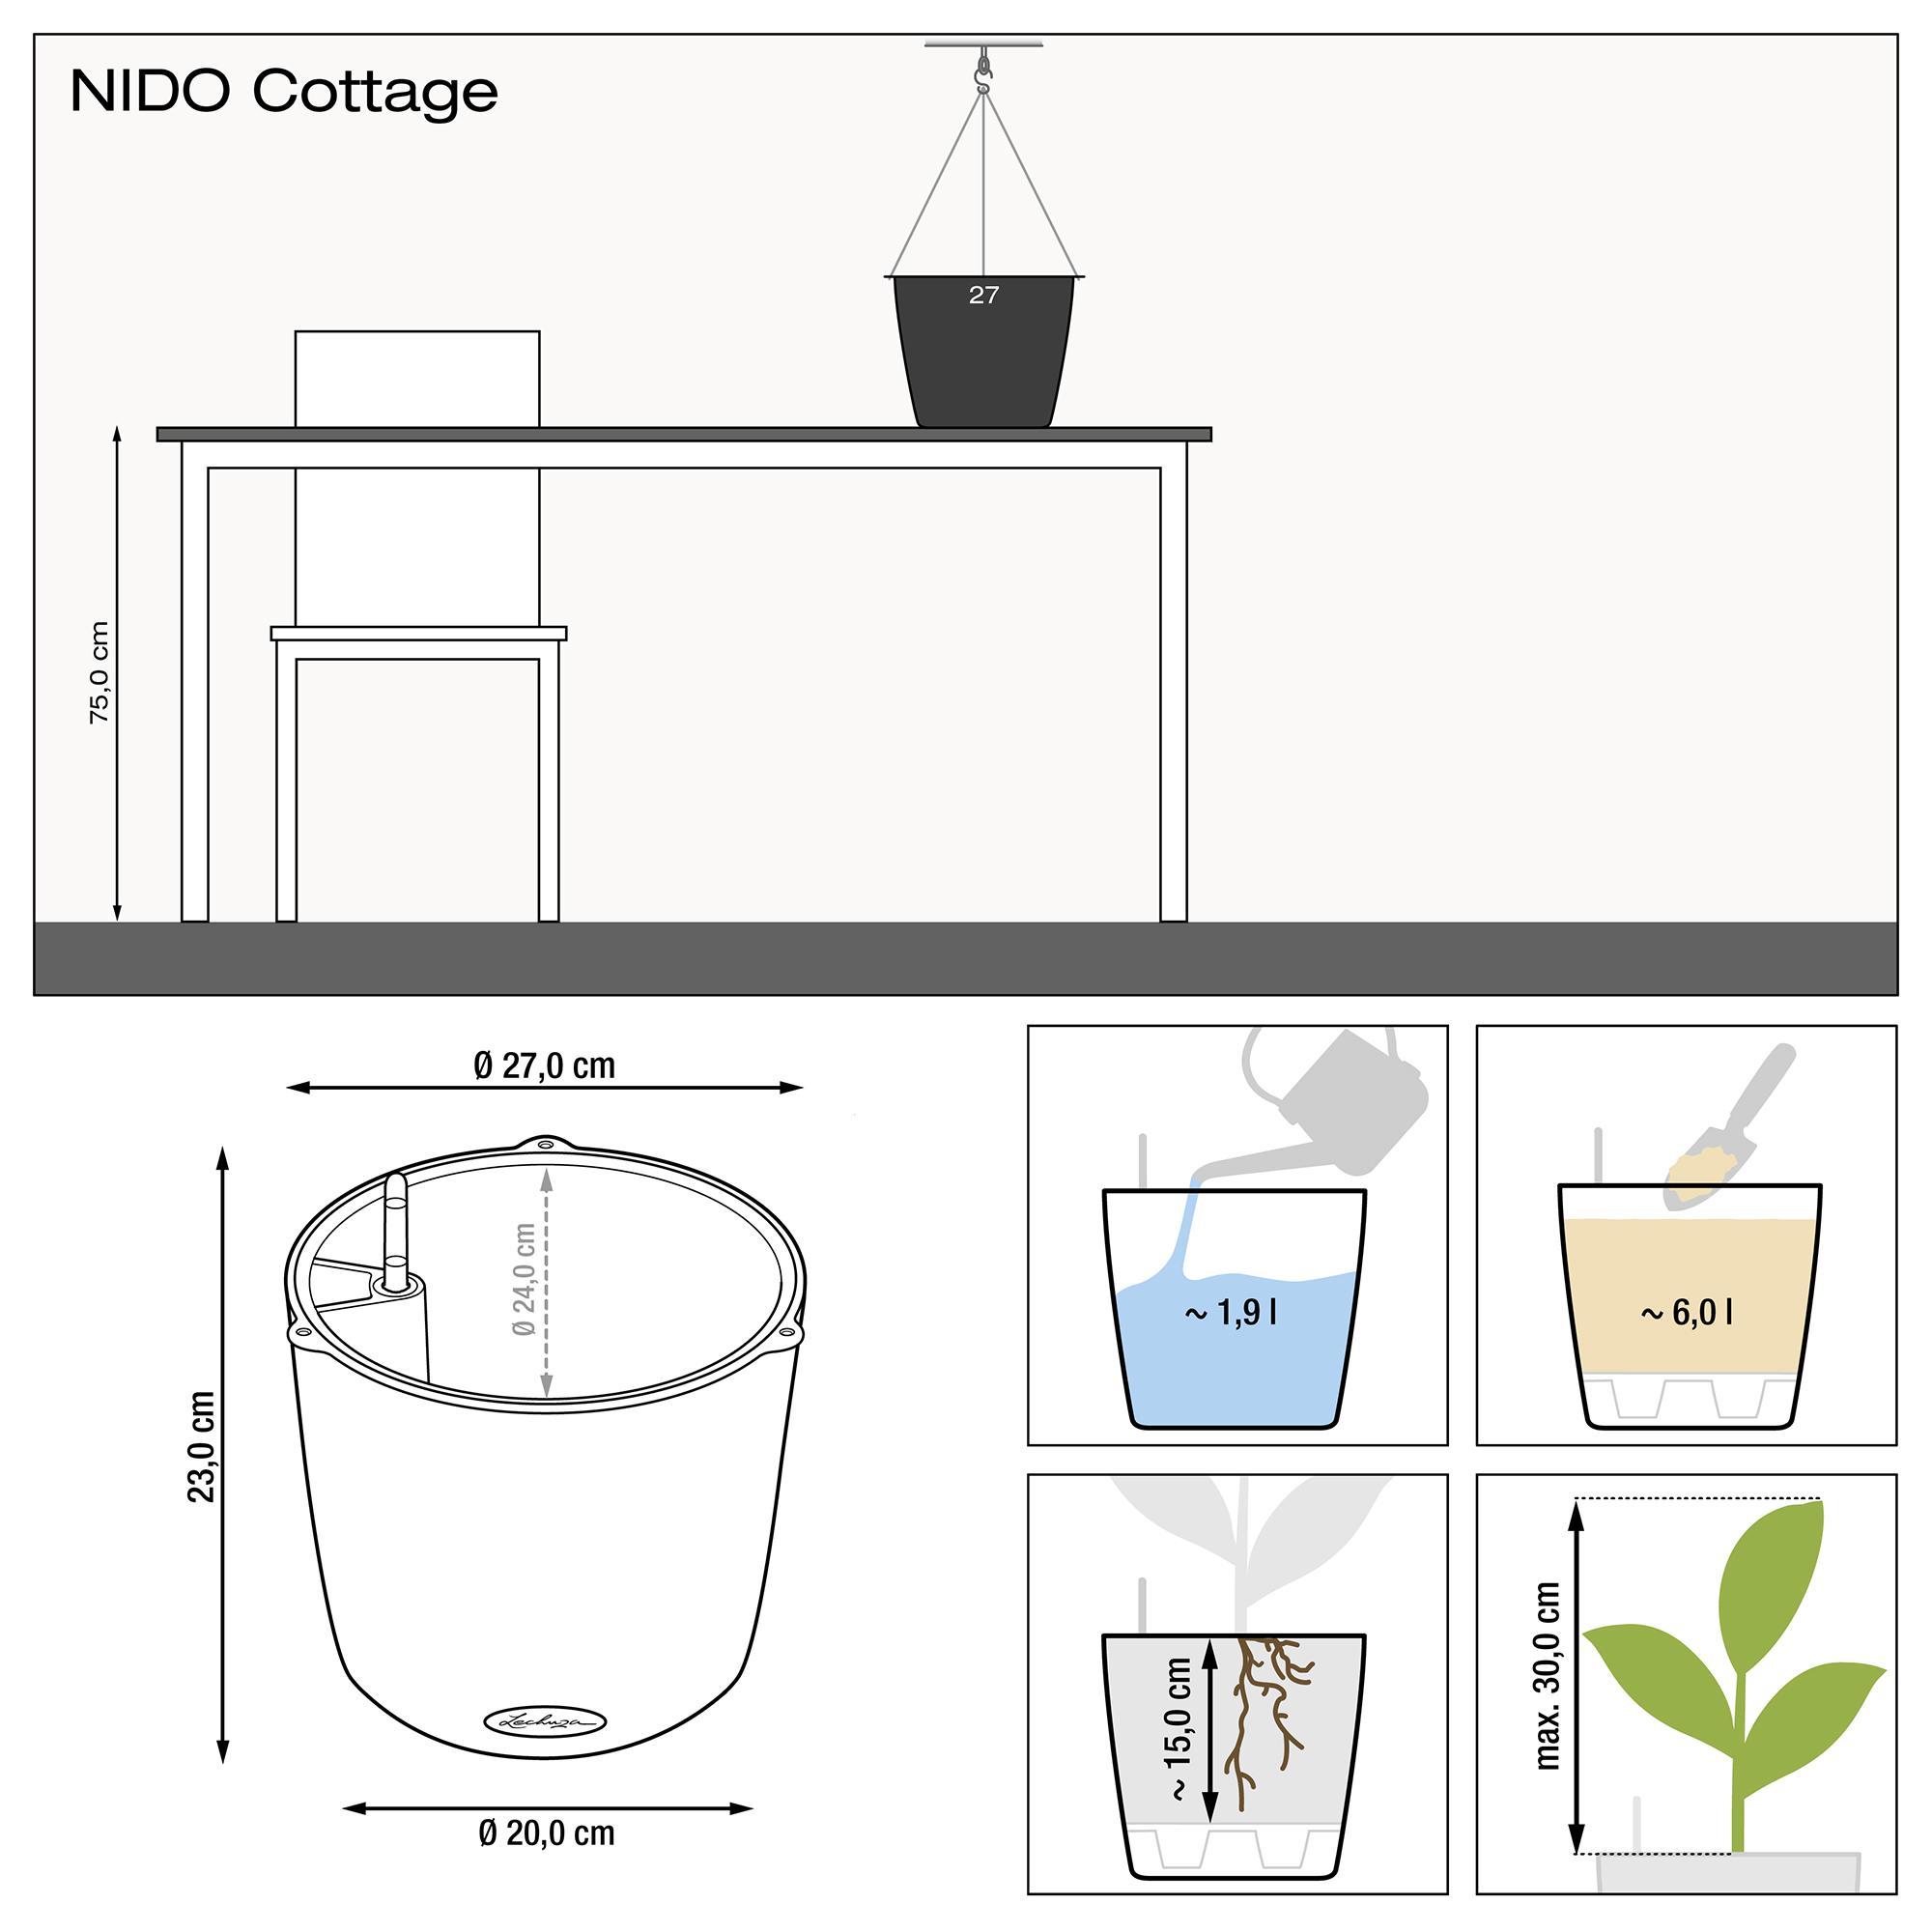 NIDO Cottage white - Image 3